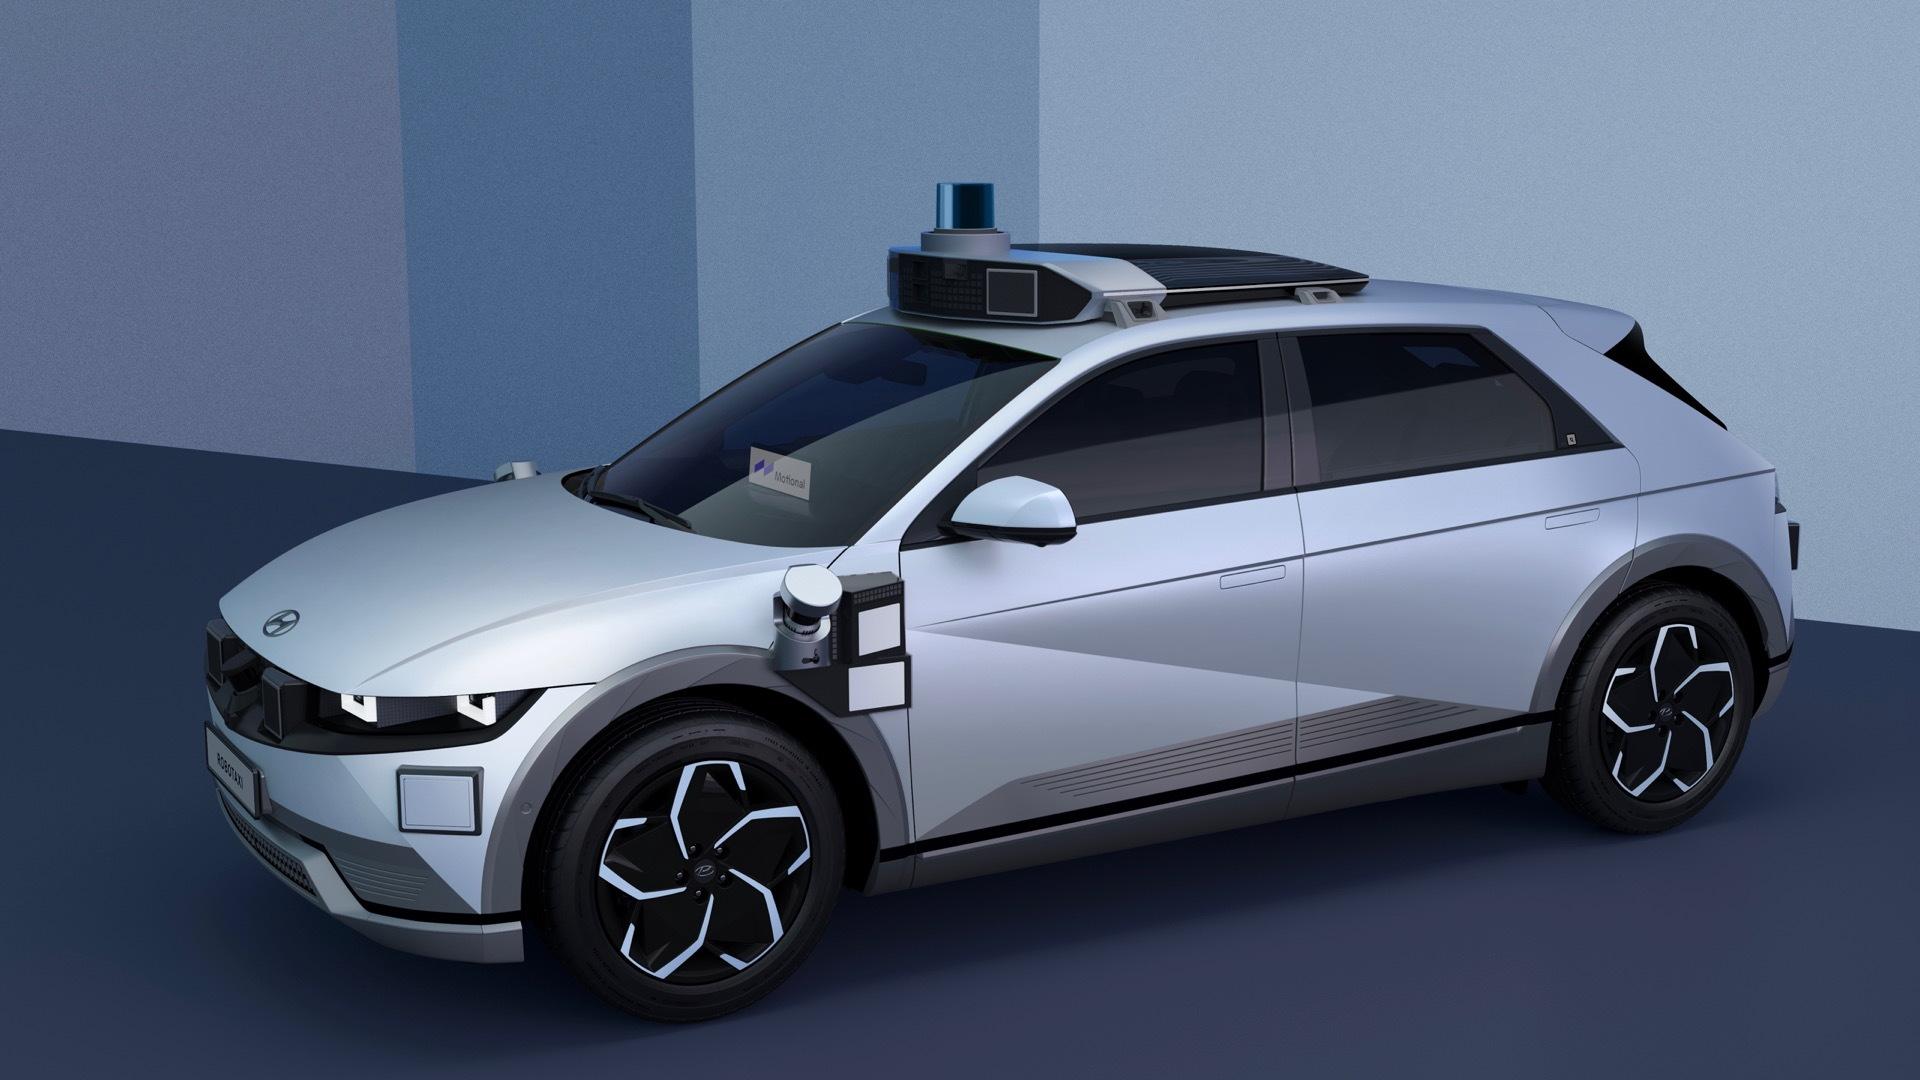 Hyundai Ioniq 5 self-driving car